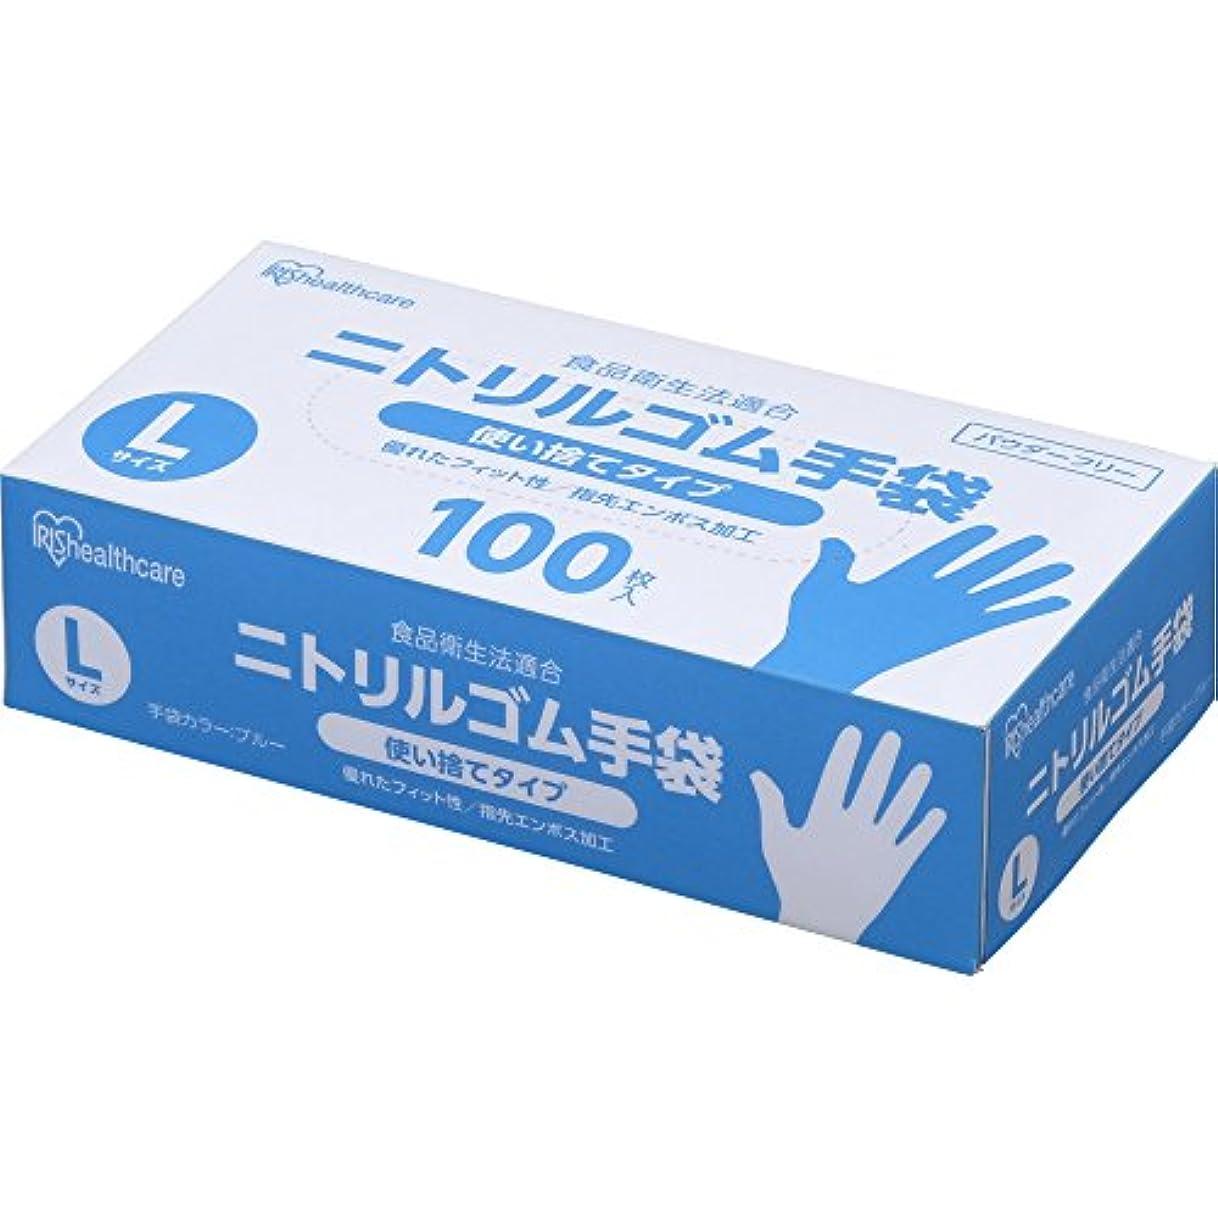 カニ極端な説明するアイリスオーヤマ 使い捨て手袋 ブルー ニトリルゴム 100枚 Lサイズ 業務用